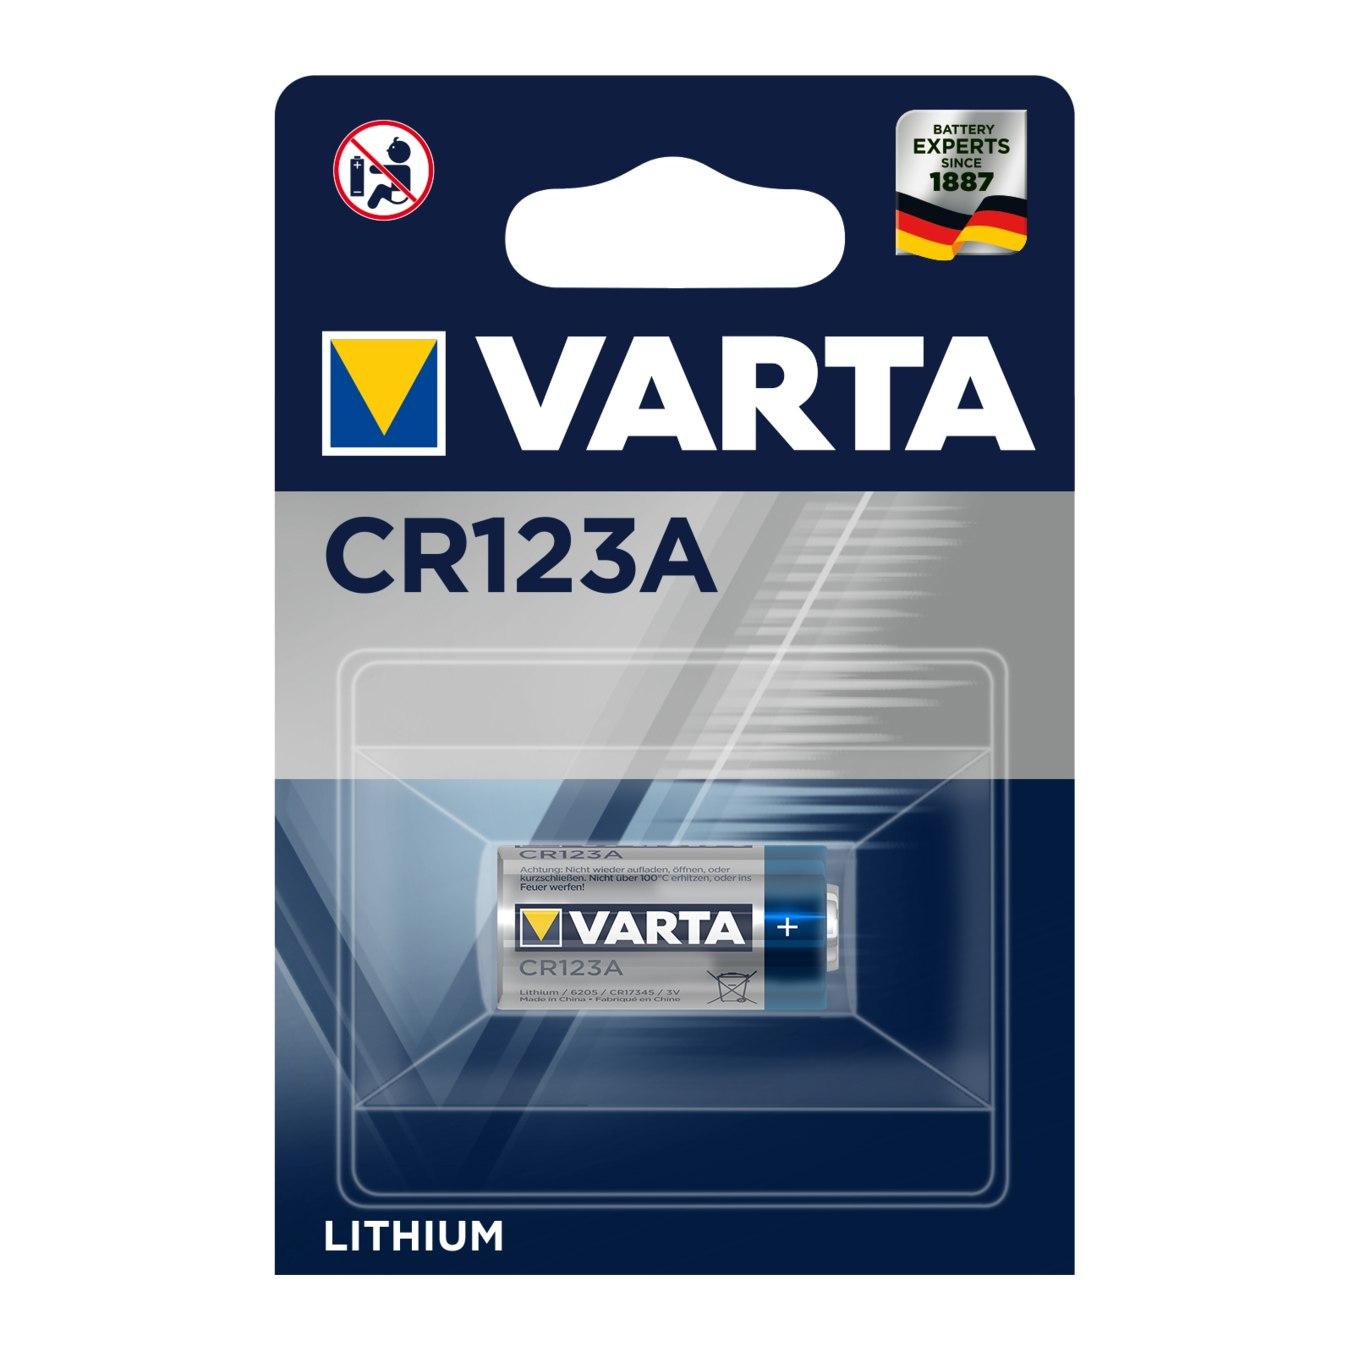 Bild von Varta Batterie Typ CR123A